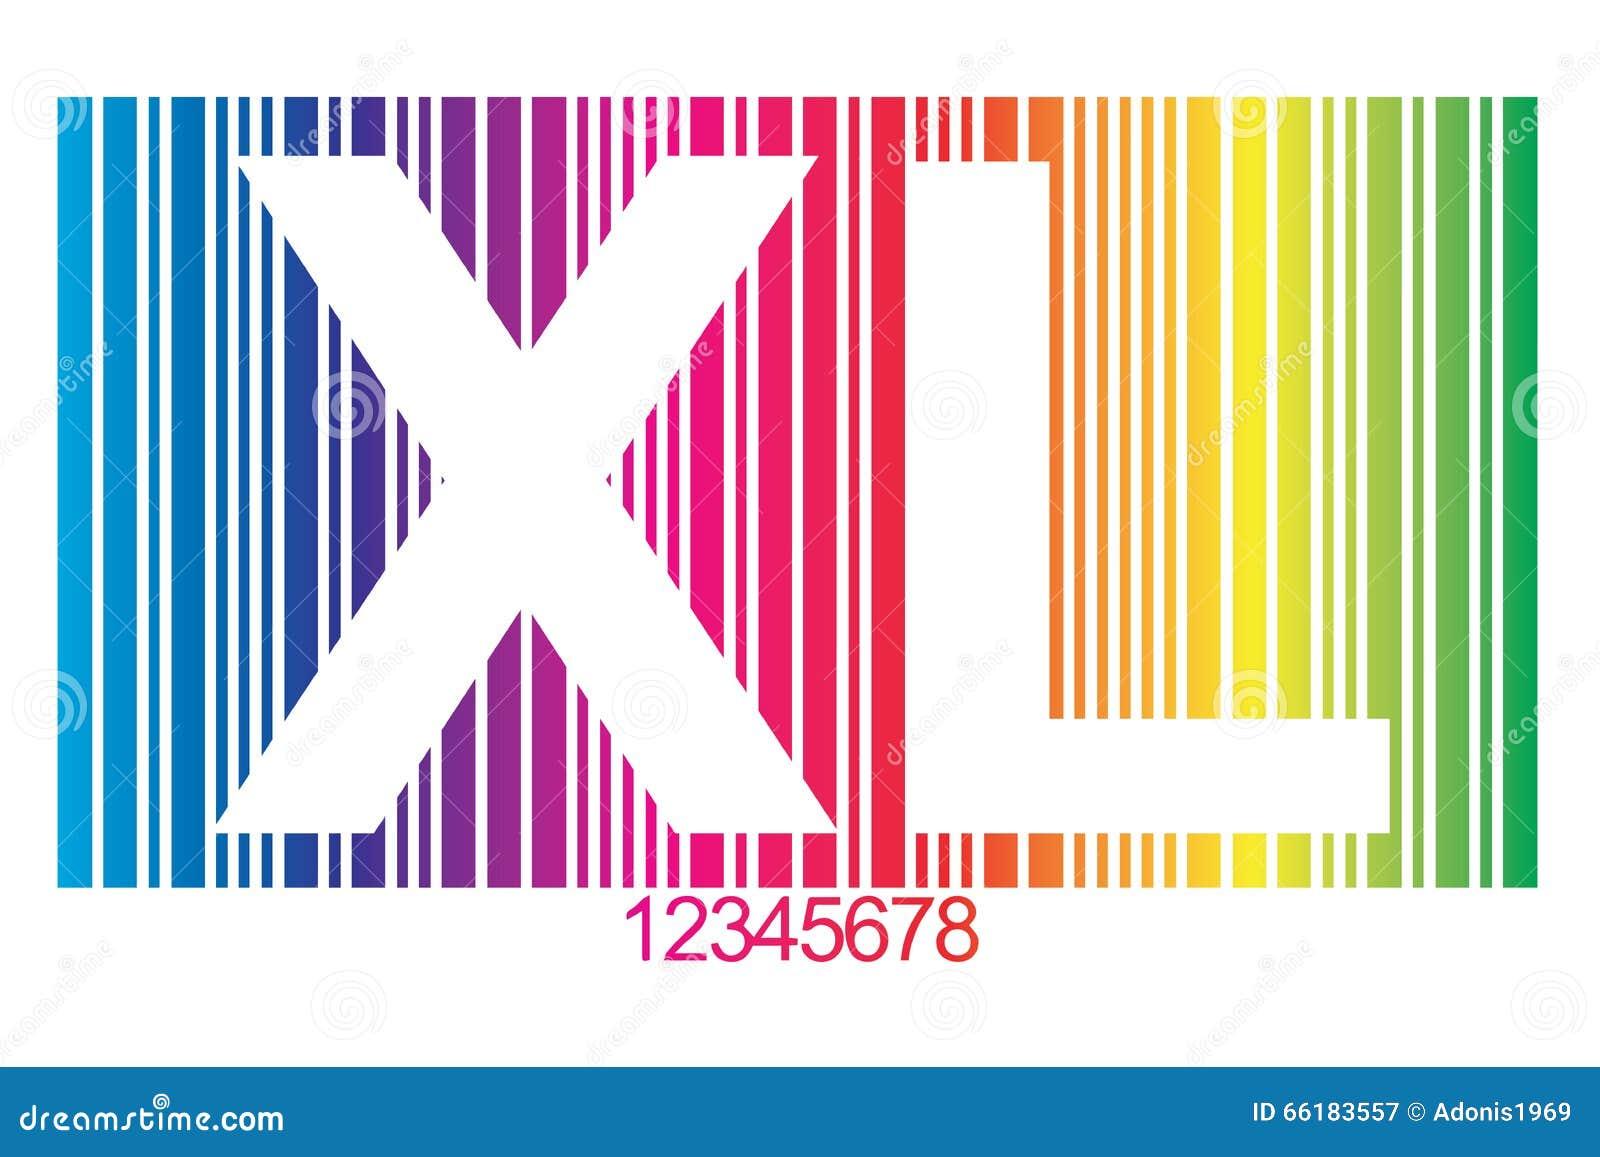 XL-Barcode